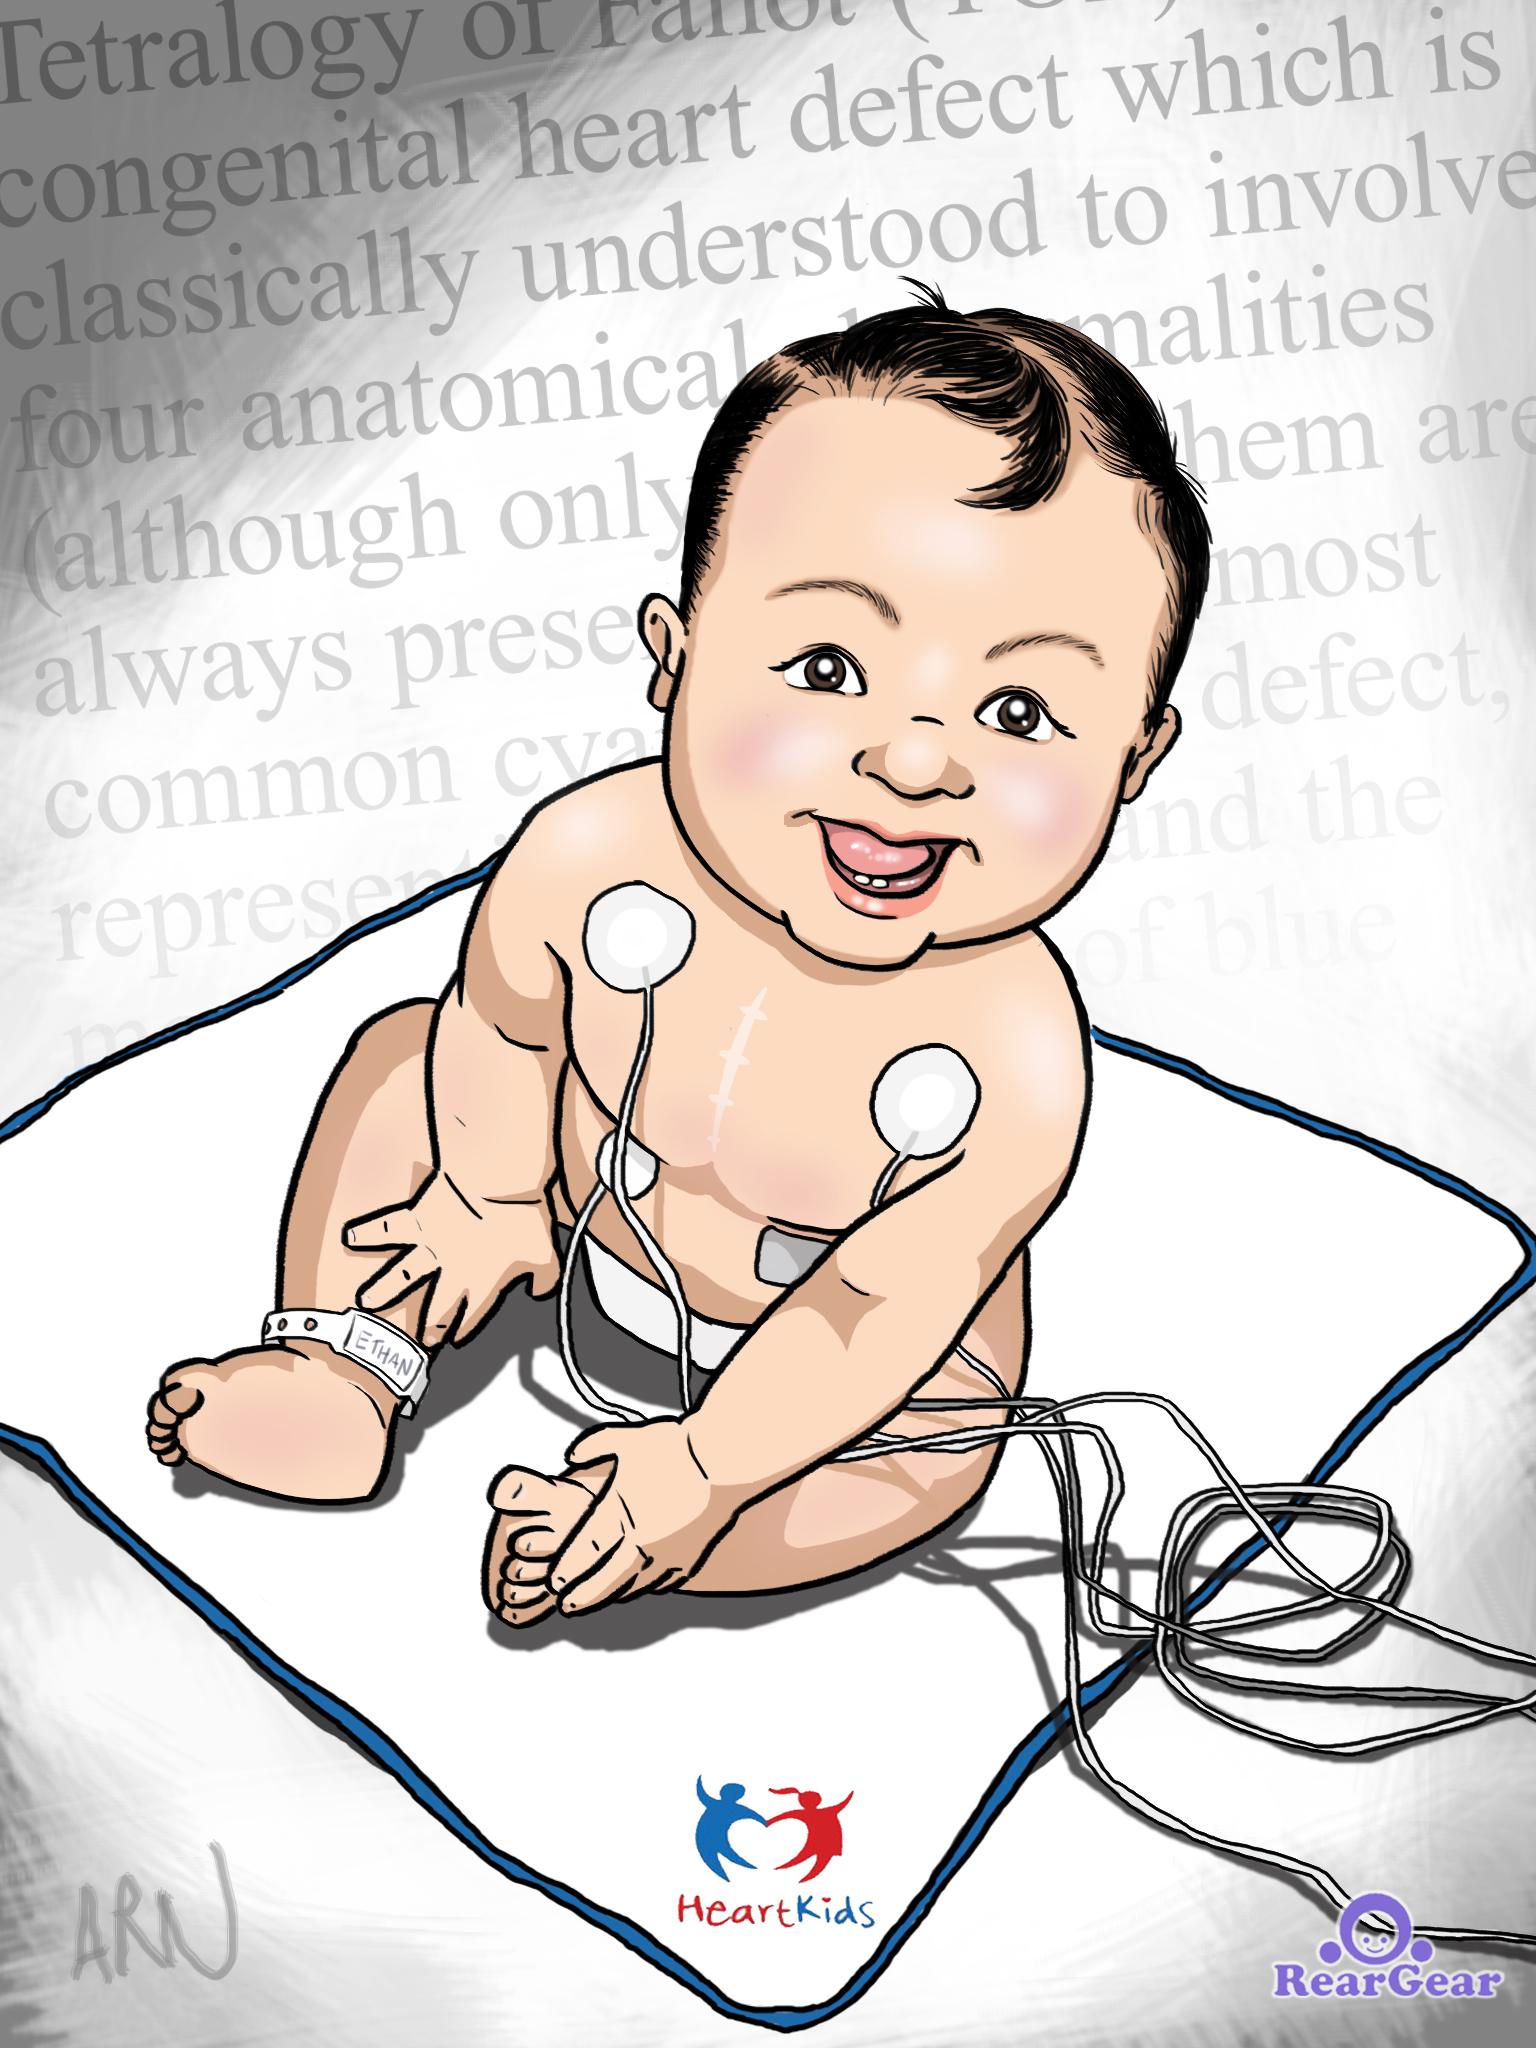 Heart Kids magazine cover art